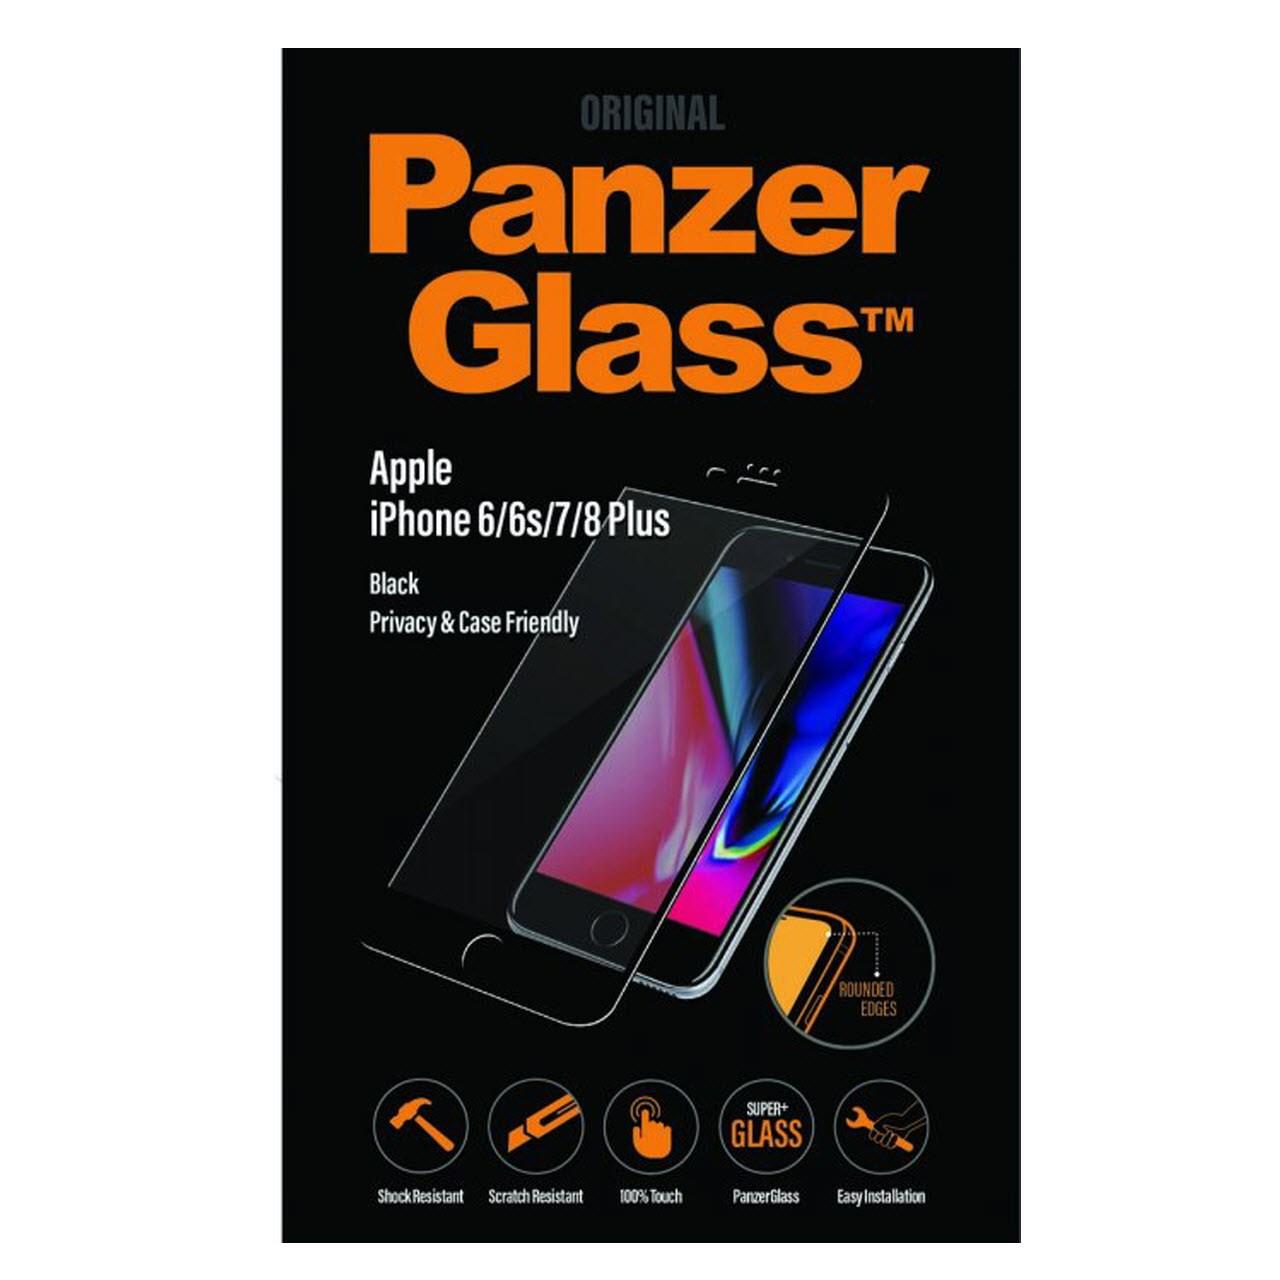 محافظ صفحه نمایش پنزر گلس مناسب برای گوشی موبایل  Iphone 6/6S/7/8 Plus